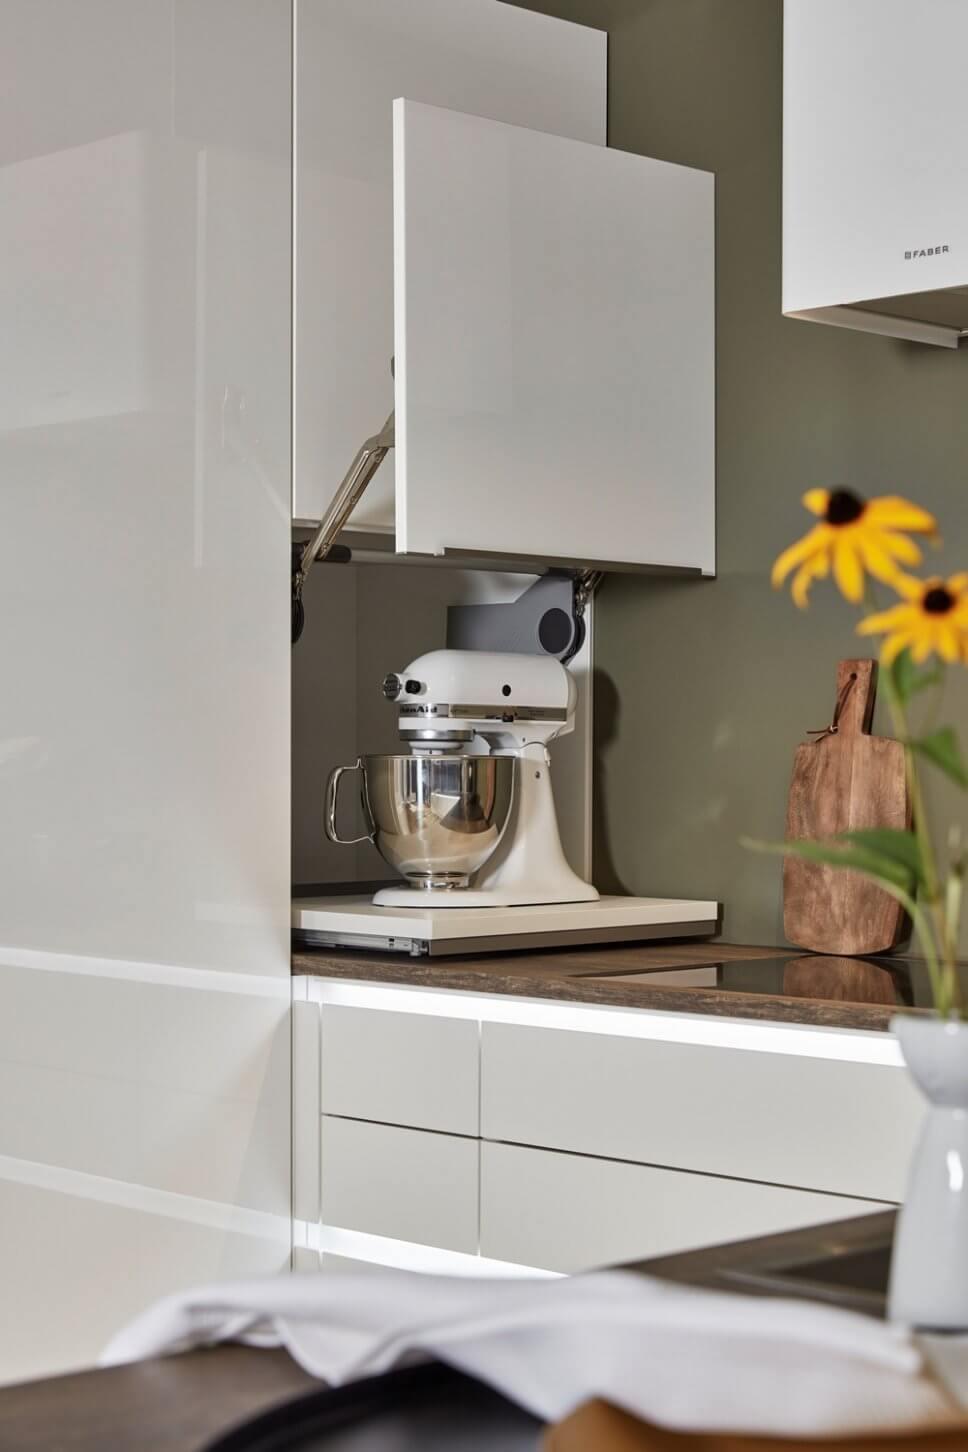 Moderne offene Küche mit Küchenmaschine hinter geöffneter Lifttür